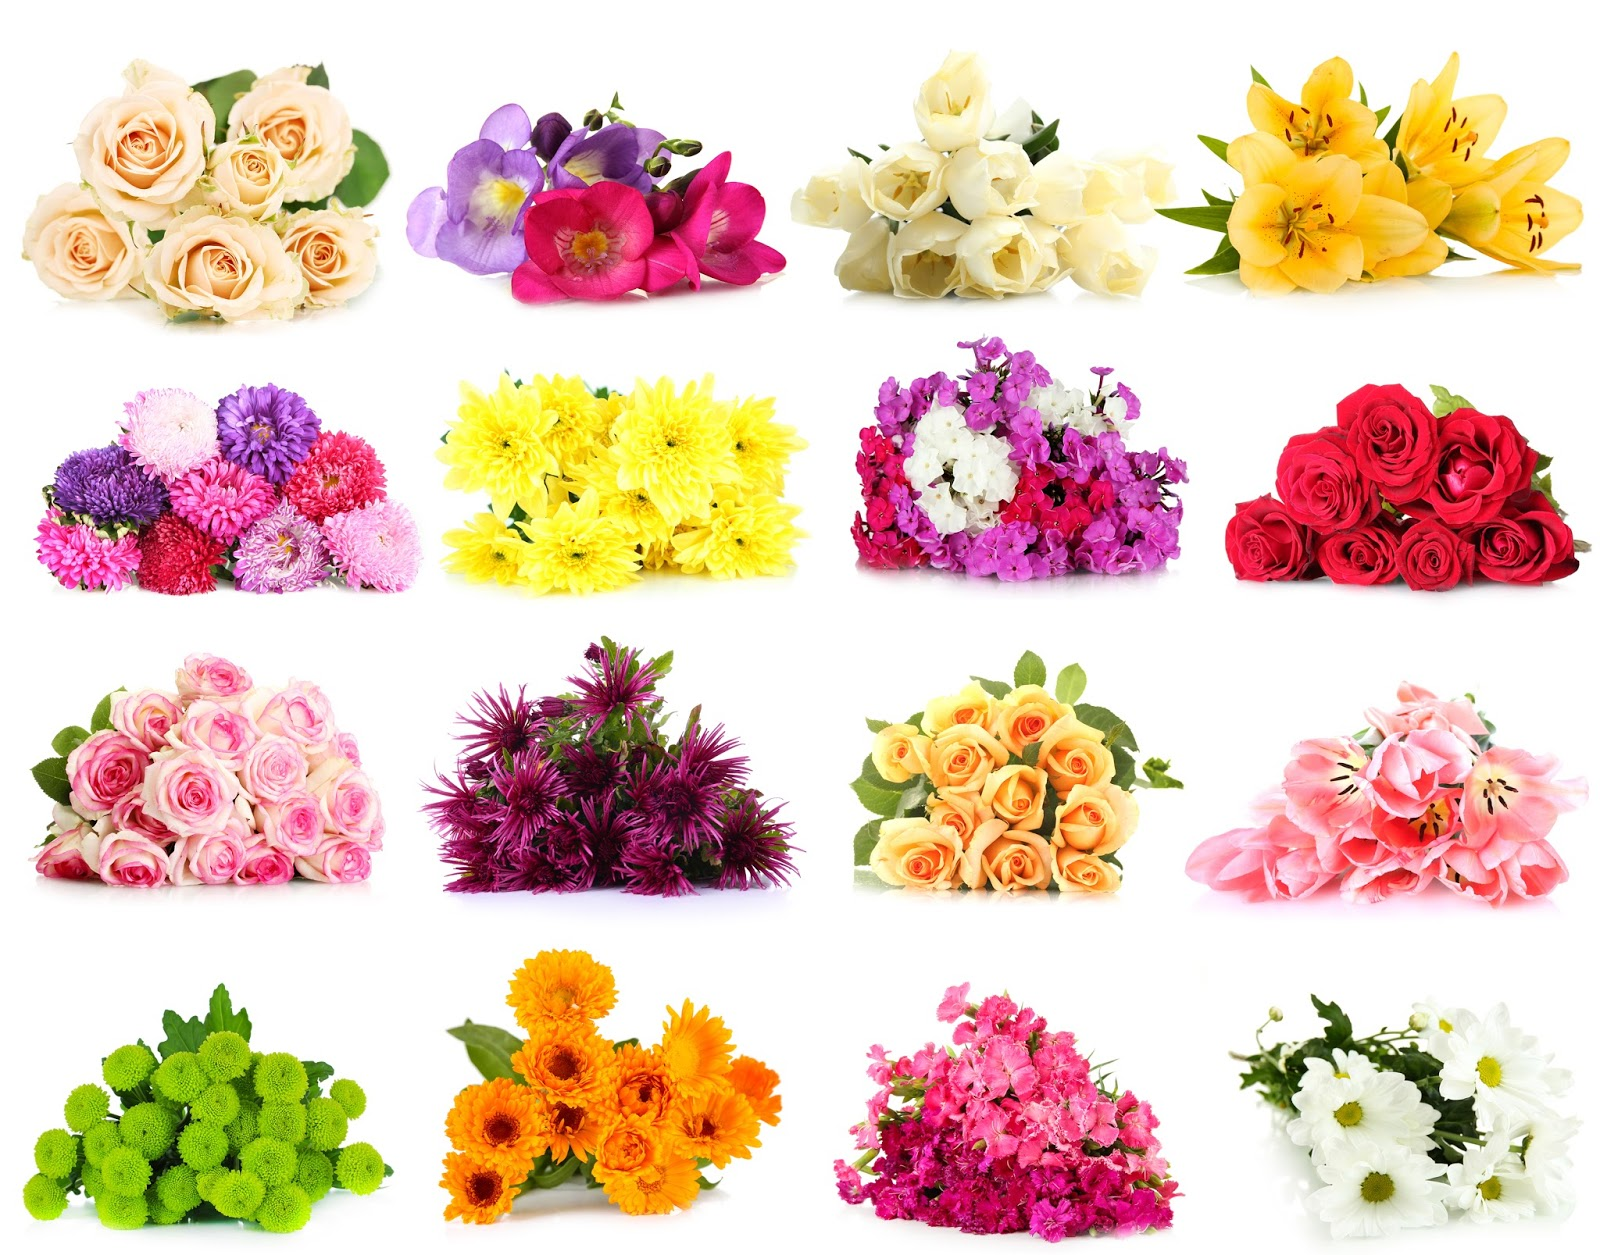 BANCO DE IMÁGENES: 50 Fotos De Flores Y Arreglos Florales